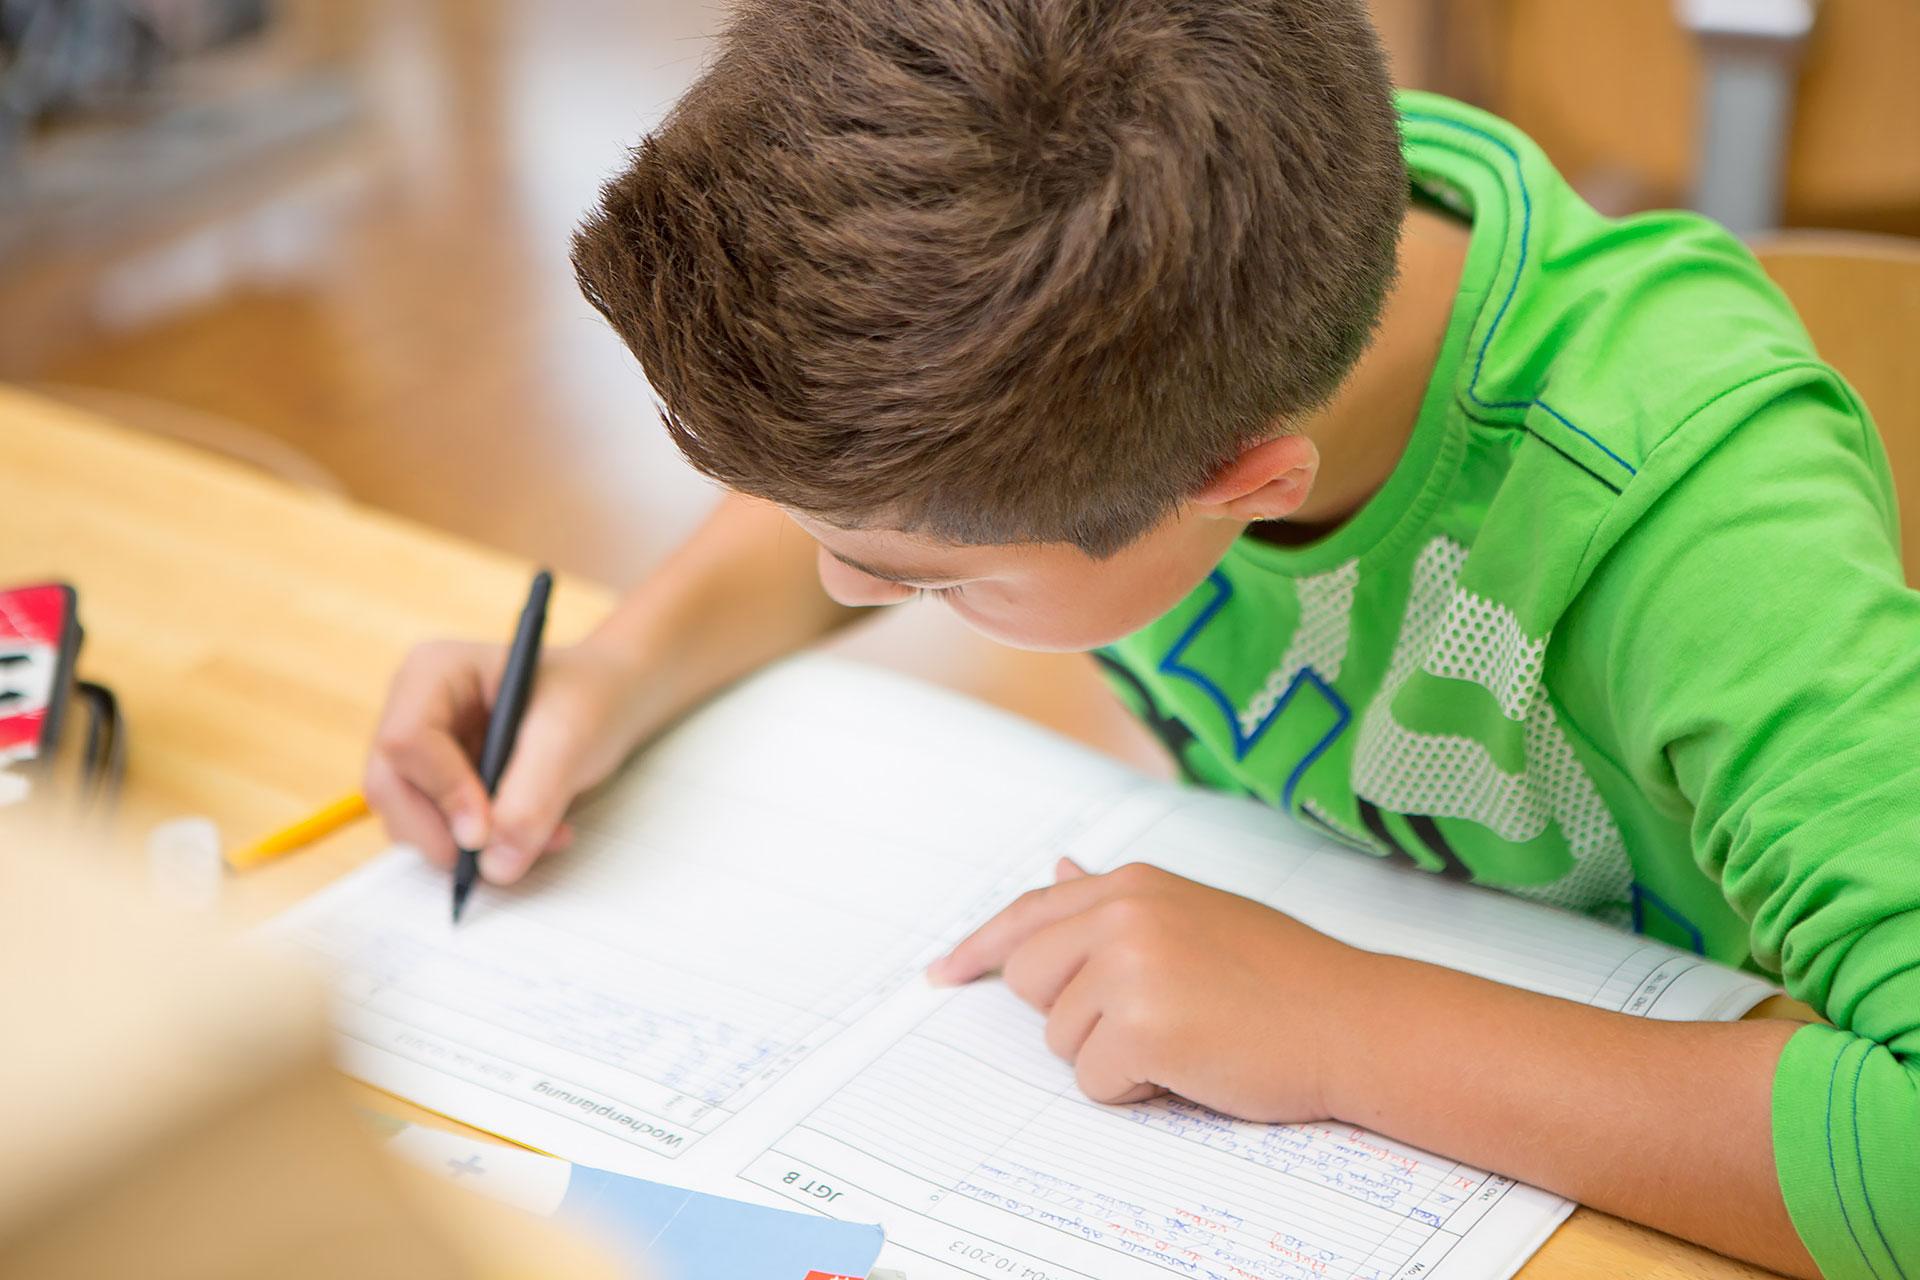 Schüler füllt seine Wochenplanung aus